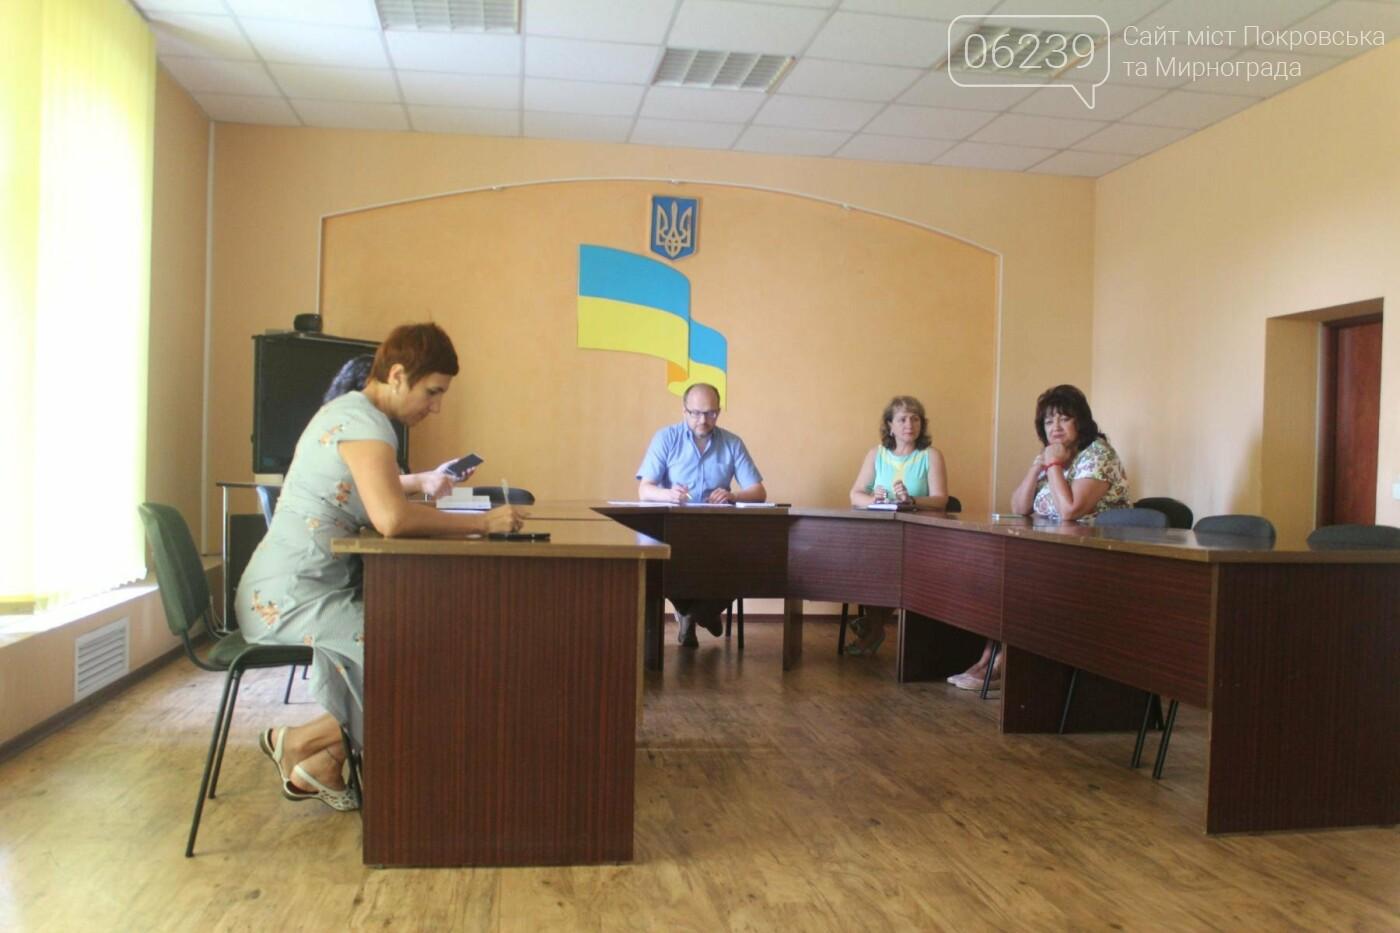 Работа коммунальных служб города и планы на неделю: в Мирнограде провели очередное аппаратное совещание, фото-1